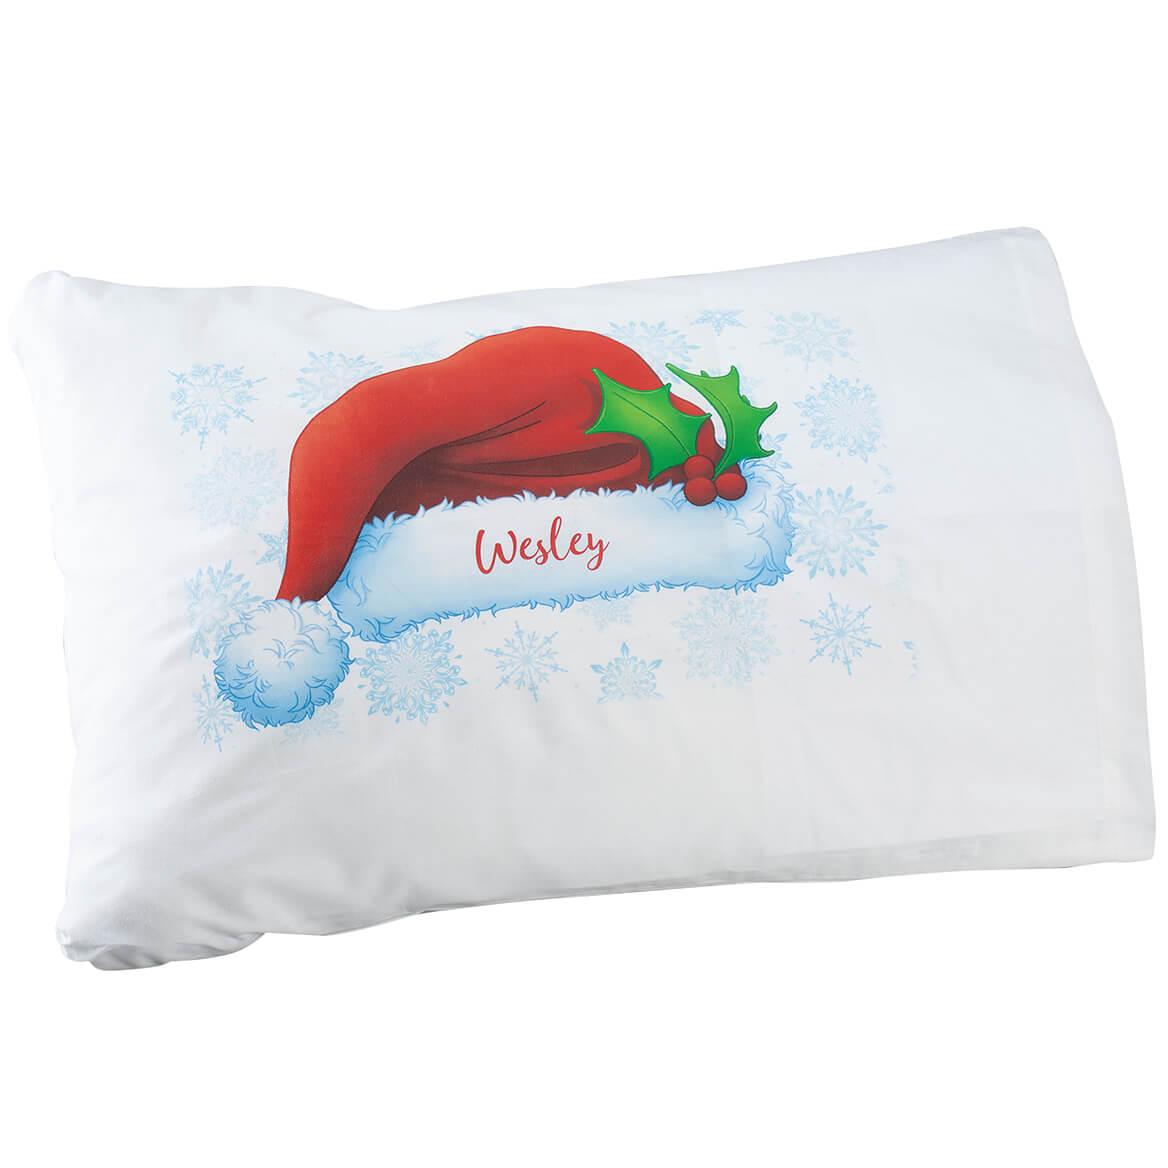 Personalized Santa Hat 'Selfie' Pillow Case-370355